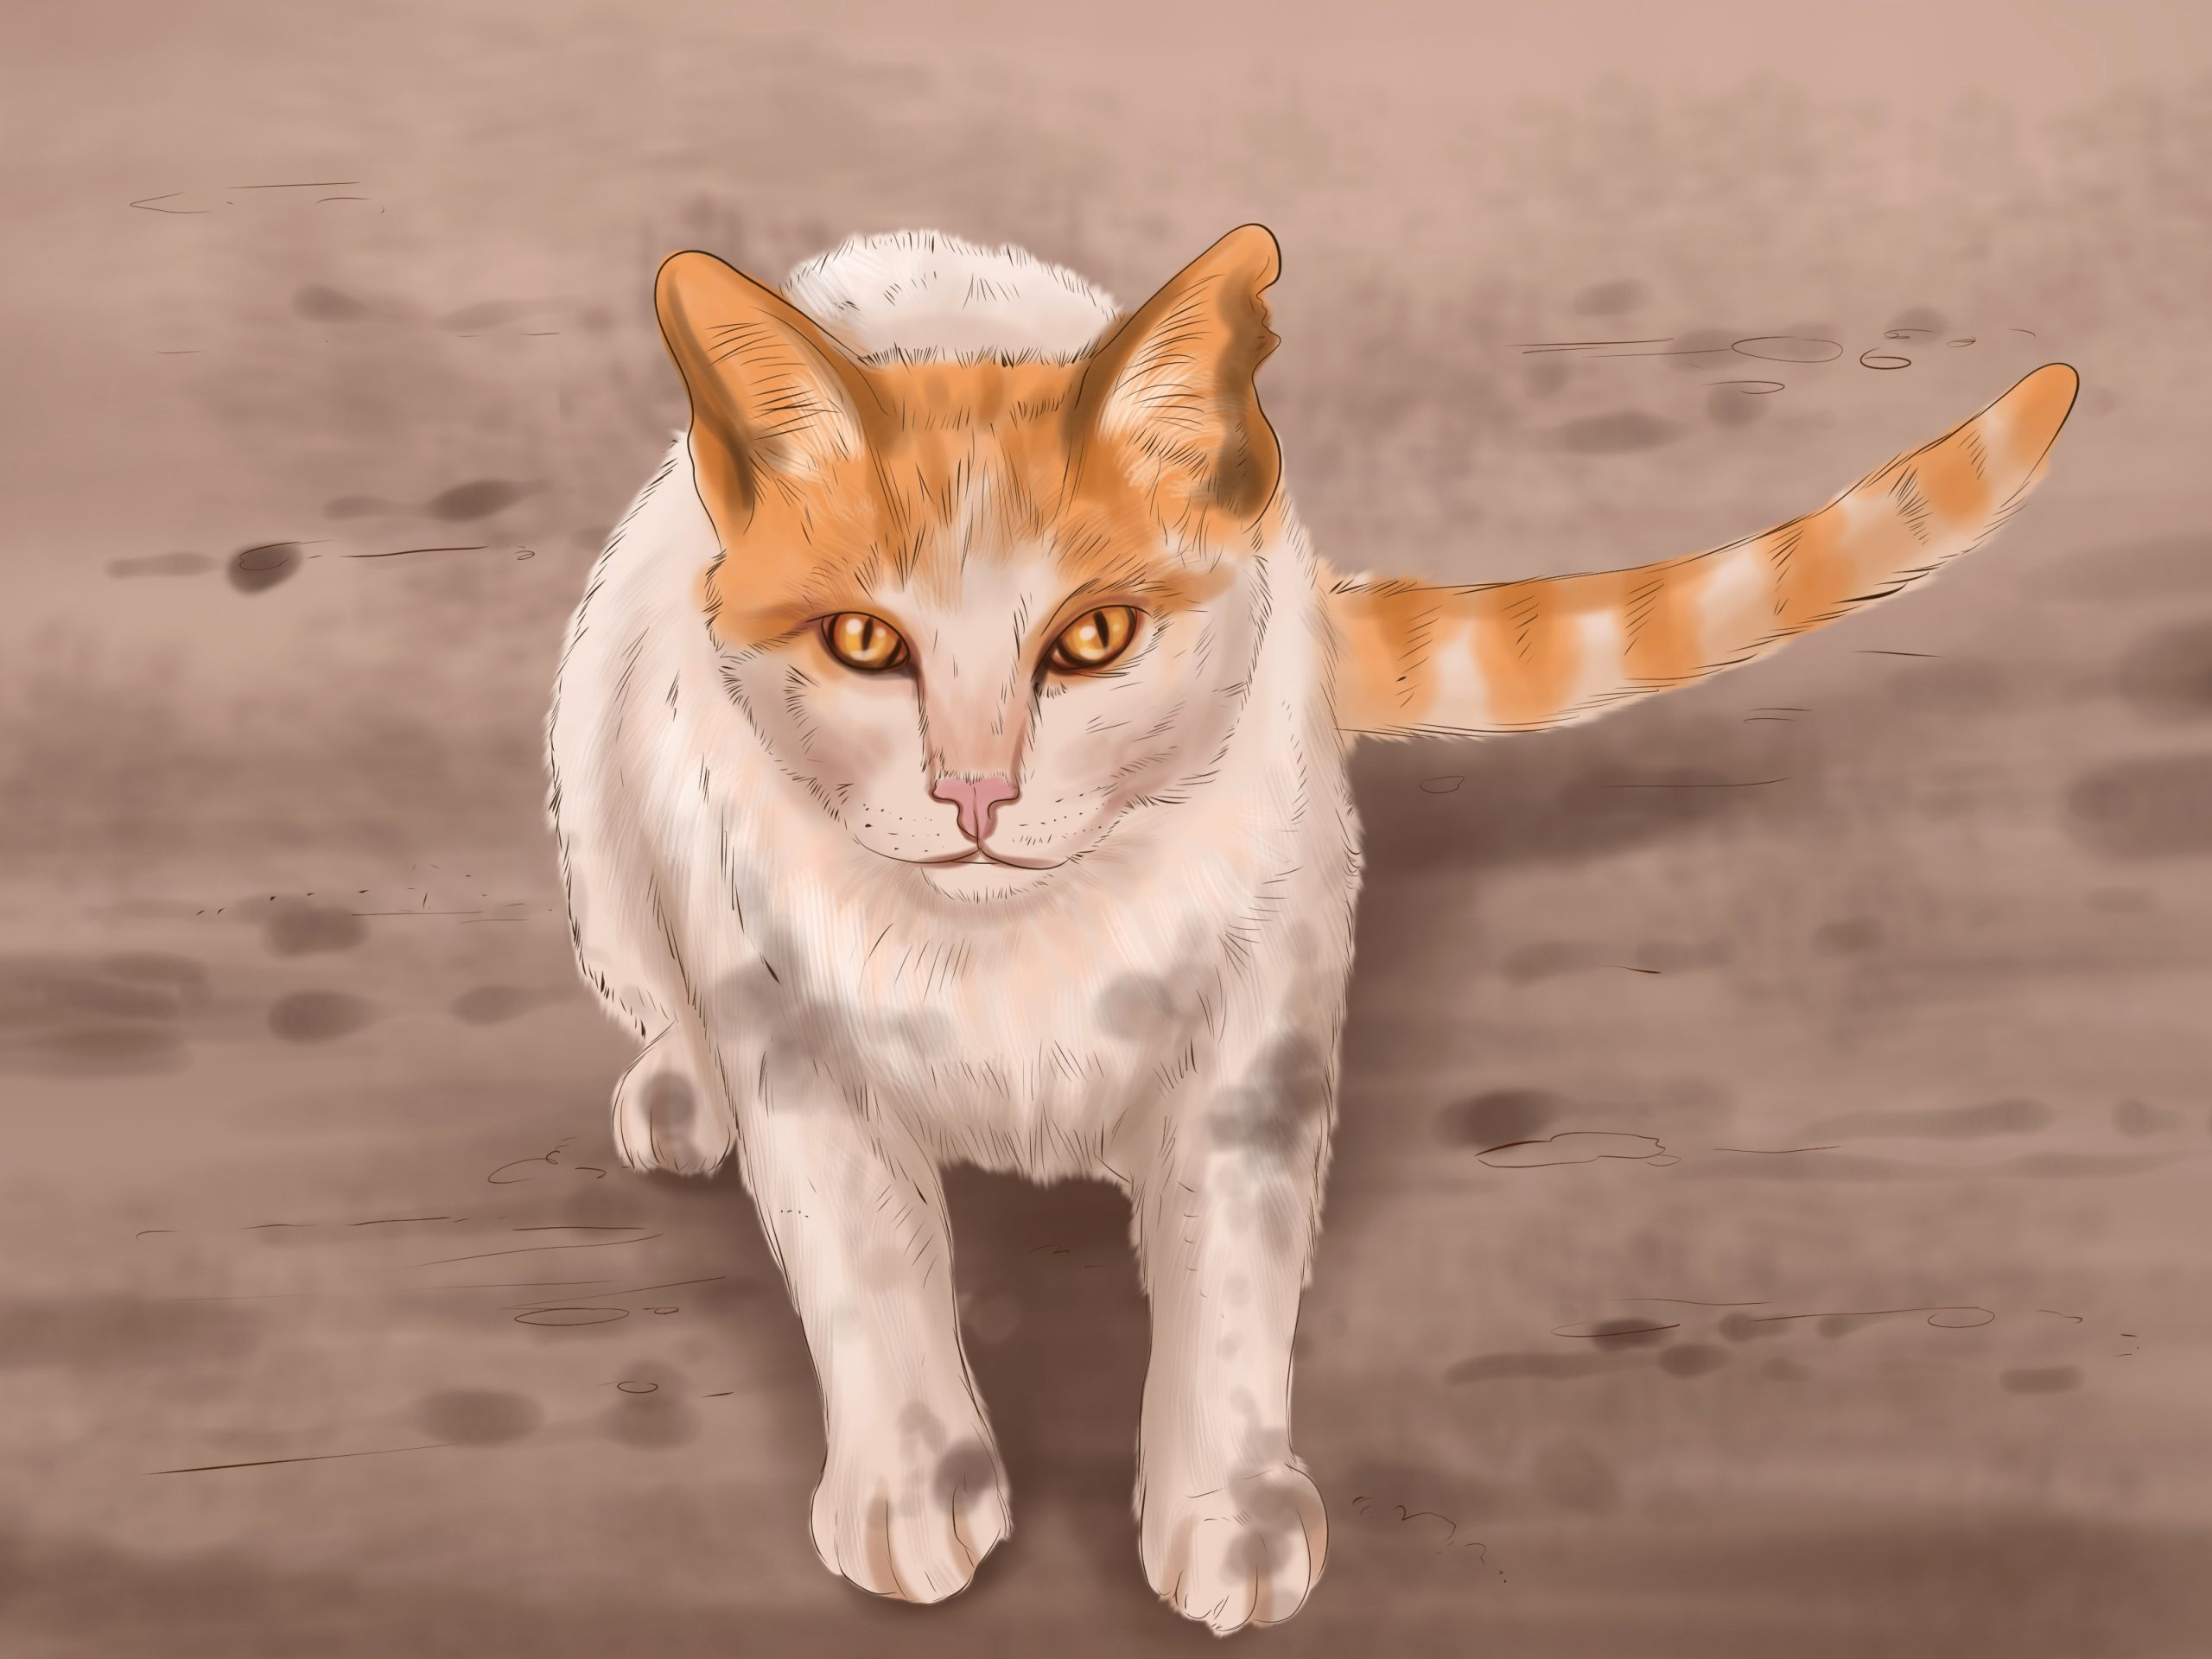 Katzen Bilder Zum Ausdrucken Best Einer Katze Etwas in Katzenbilder Zum Ausdrucken